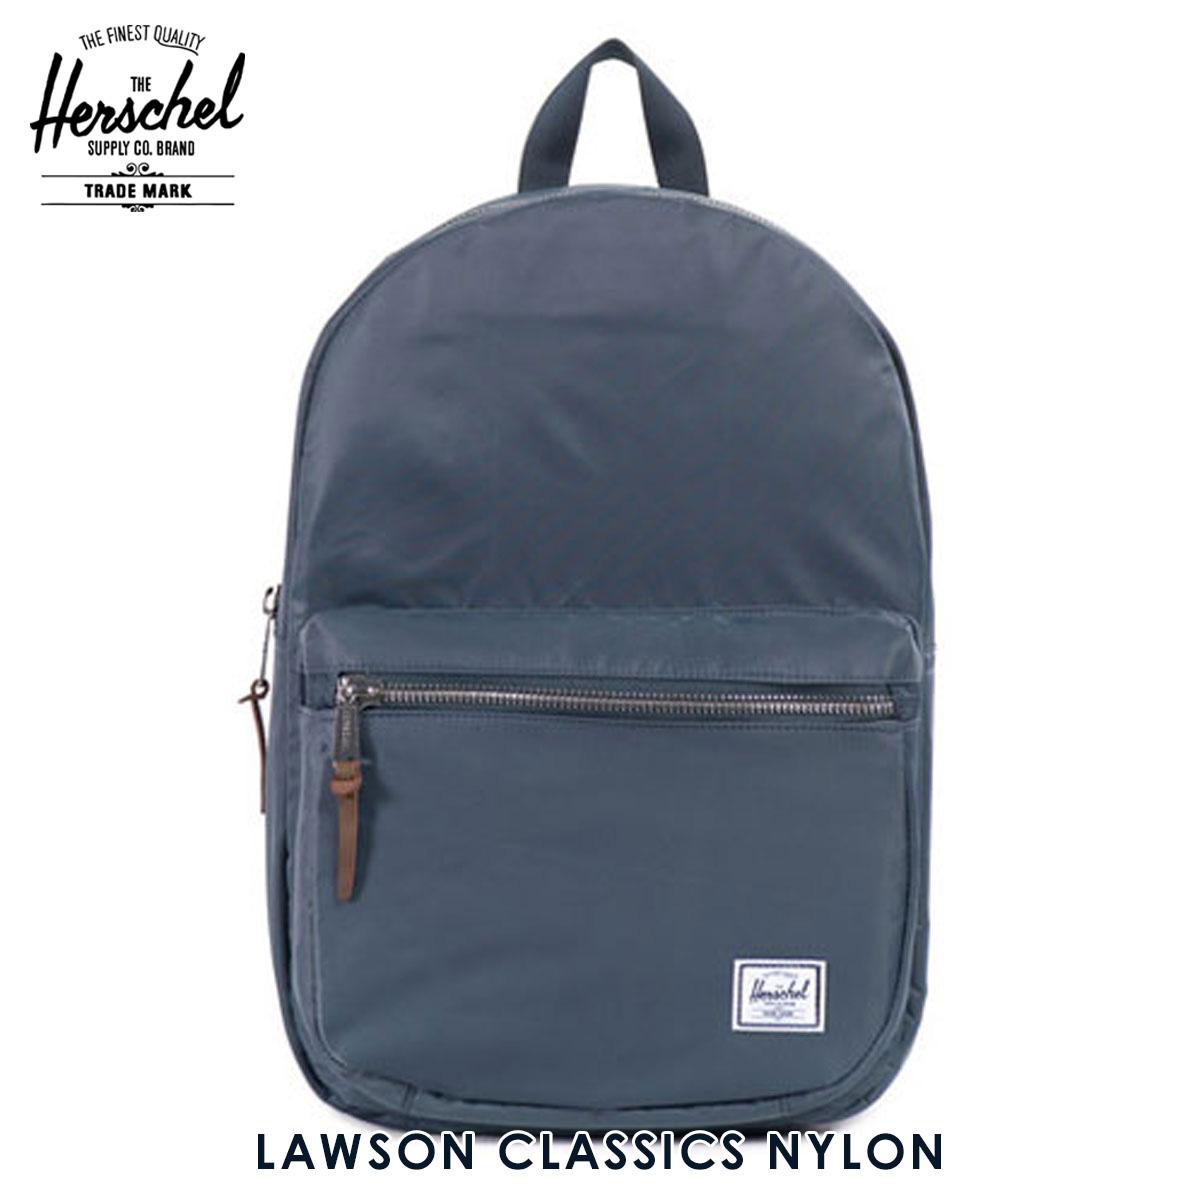 【販売期間 4/2 10:00~4/8 09:59】 ハーシェル サプライ Herschel Supply 正規販売店 バッグ Lawson Classics - Nylon 10179-00588-OS Navy D15S25